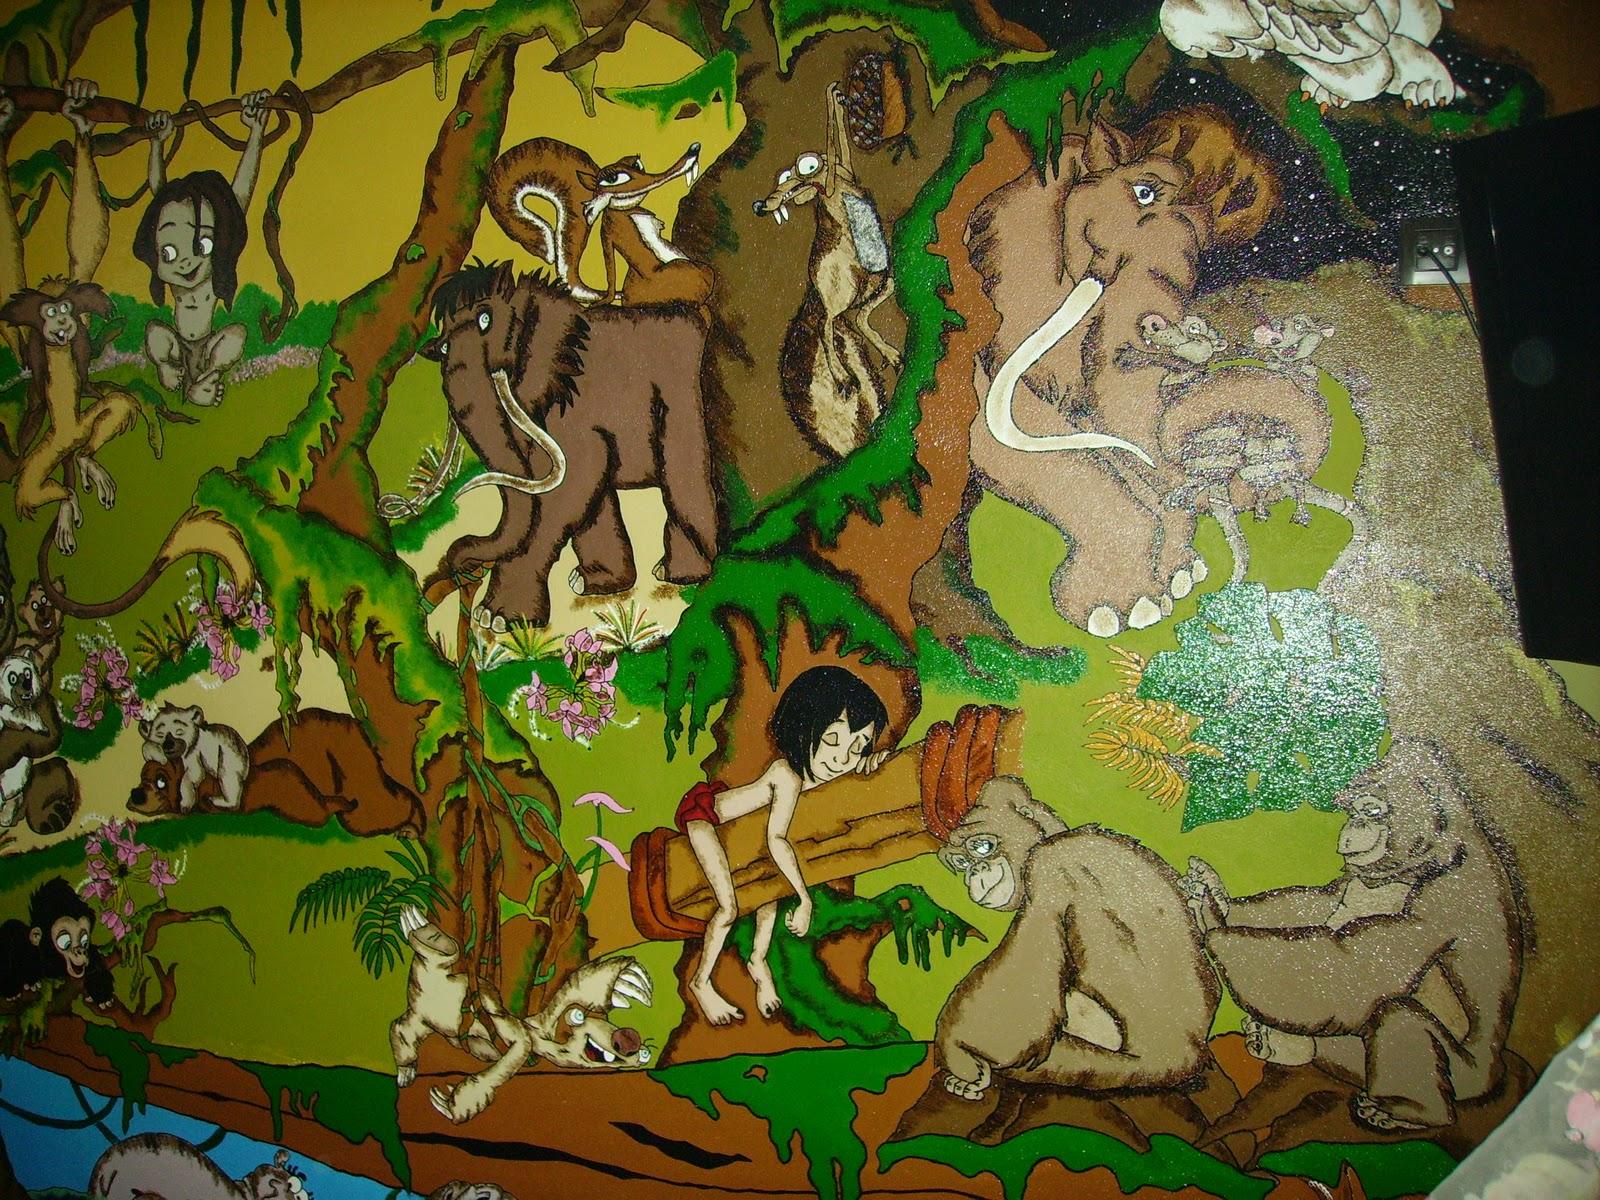 Arte en madera murales infantiles - Murales de madera ...